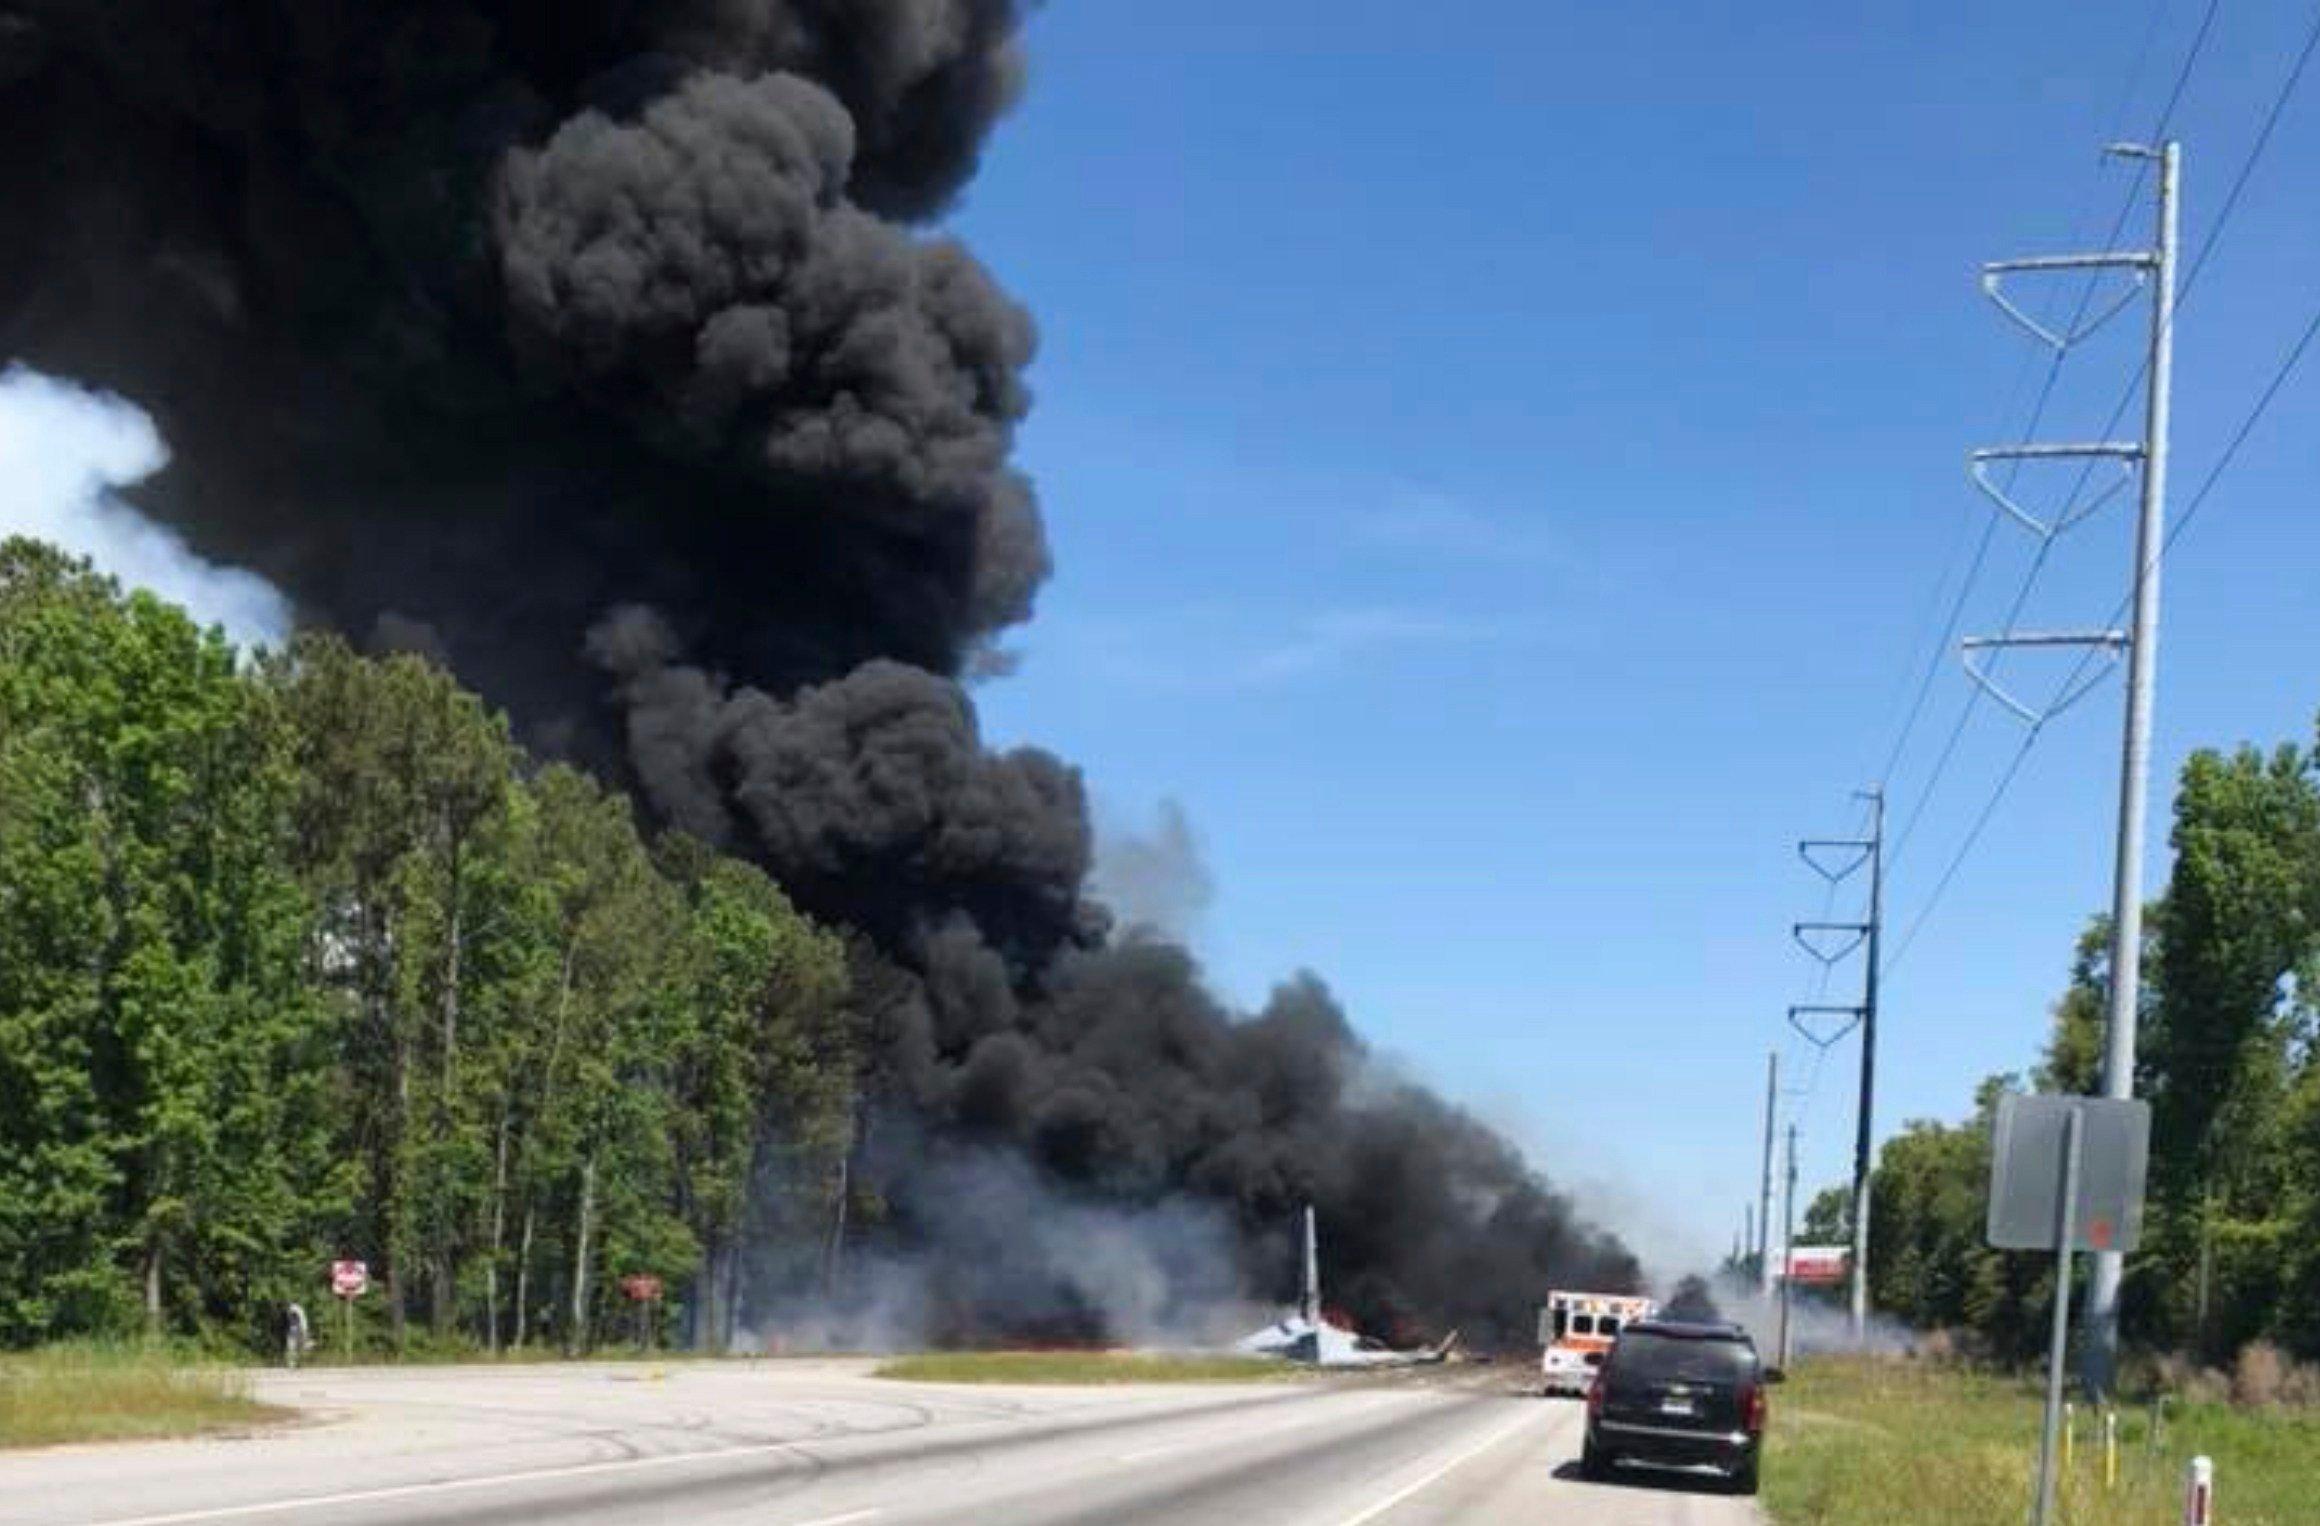 Savannah plane crash: Five dead in Georgia as military plane comes down